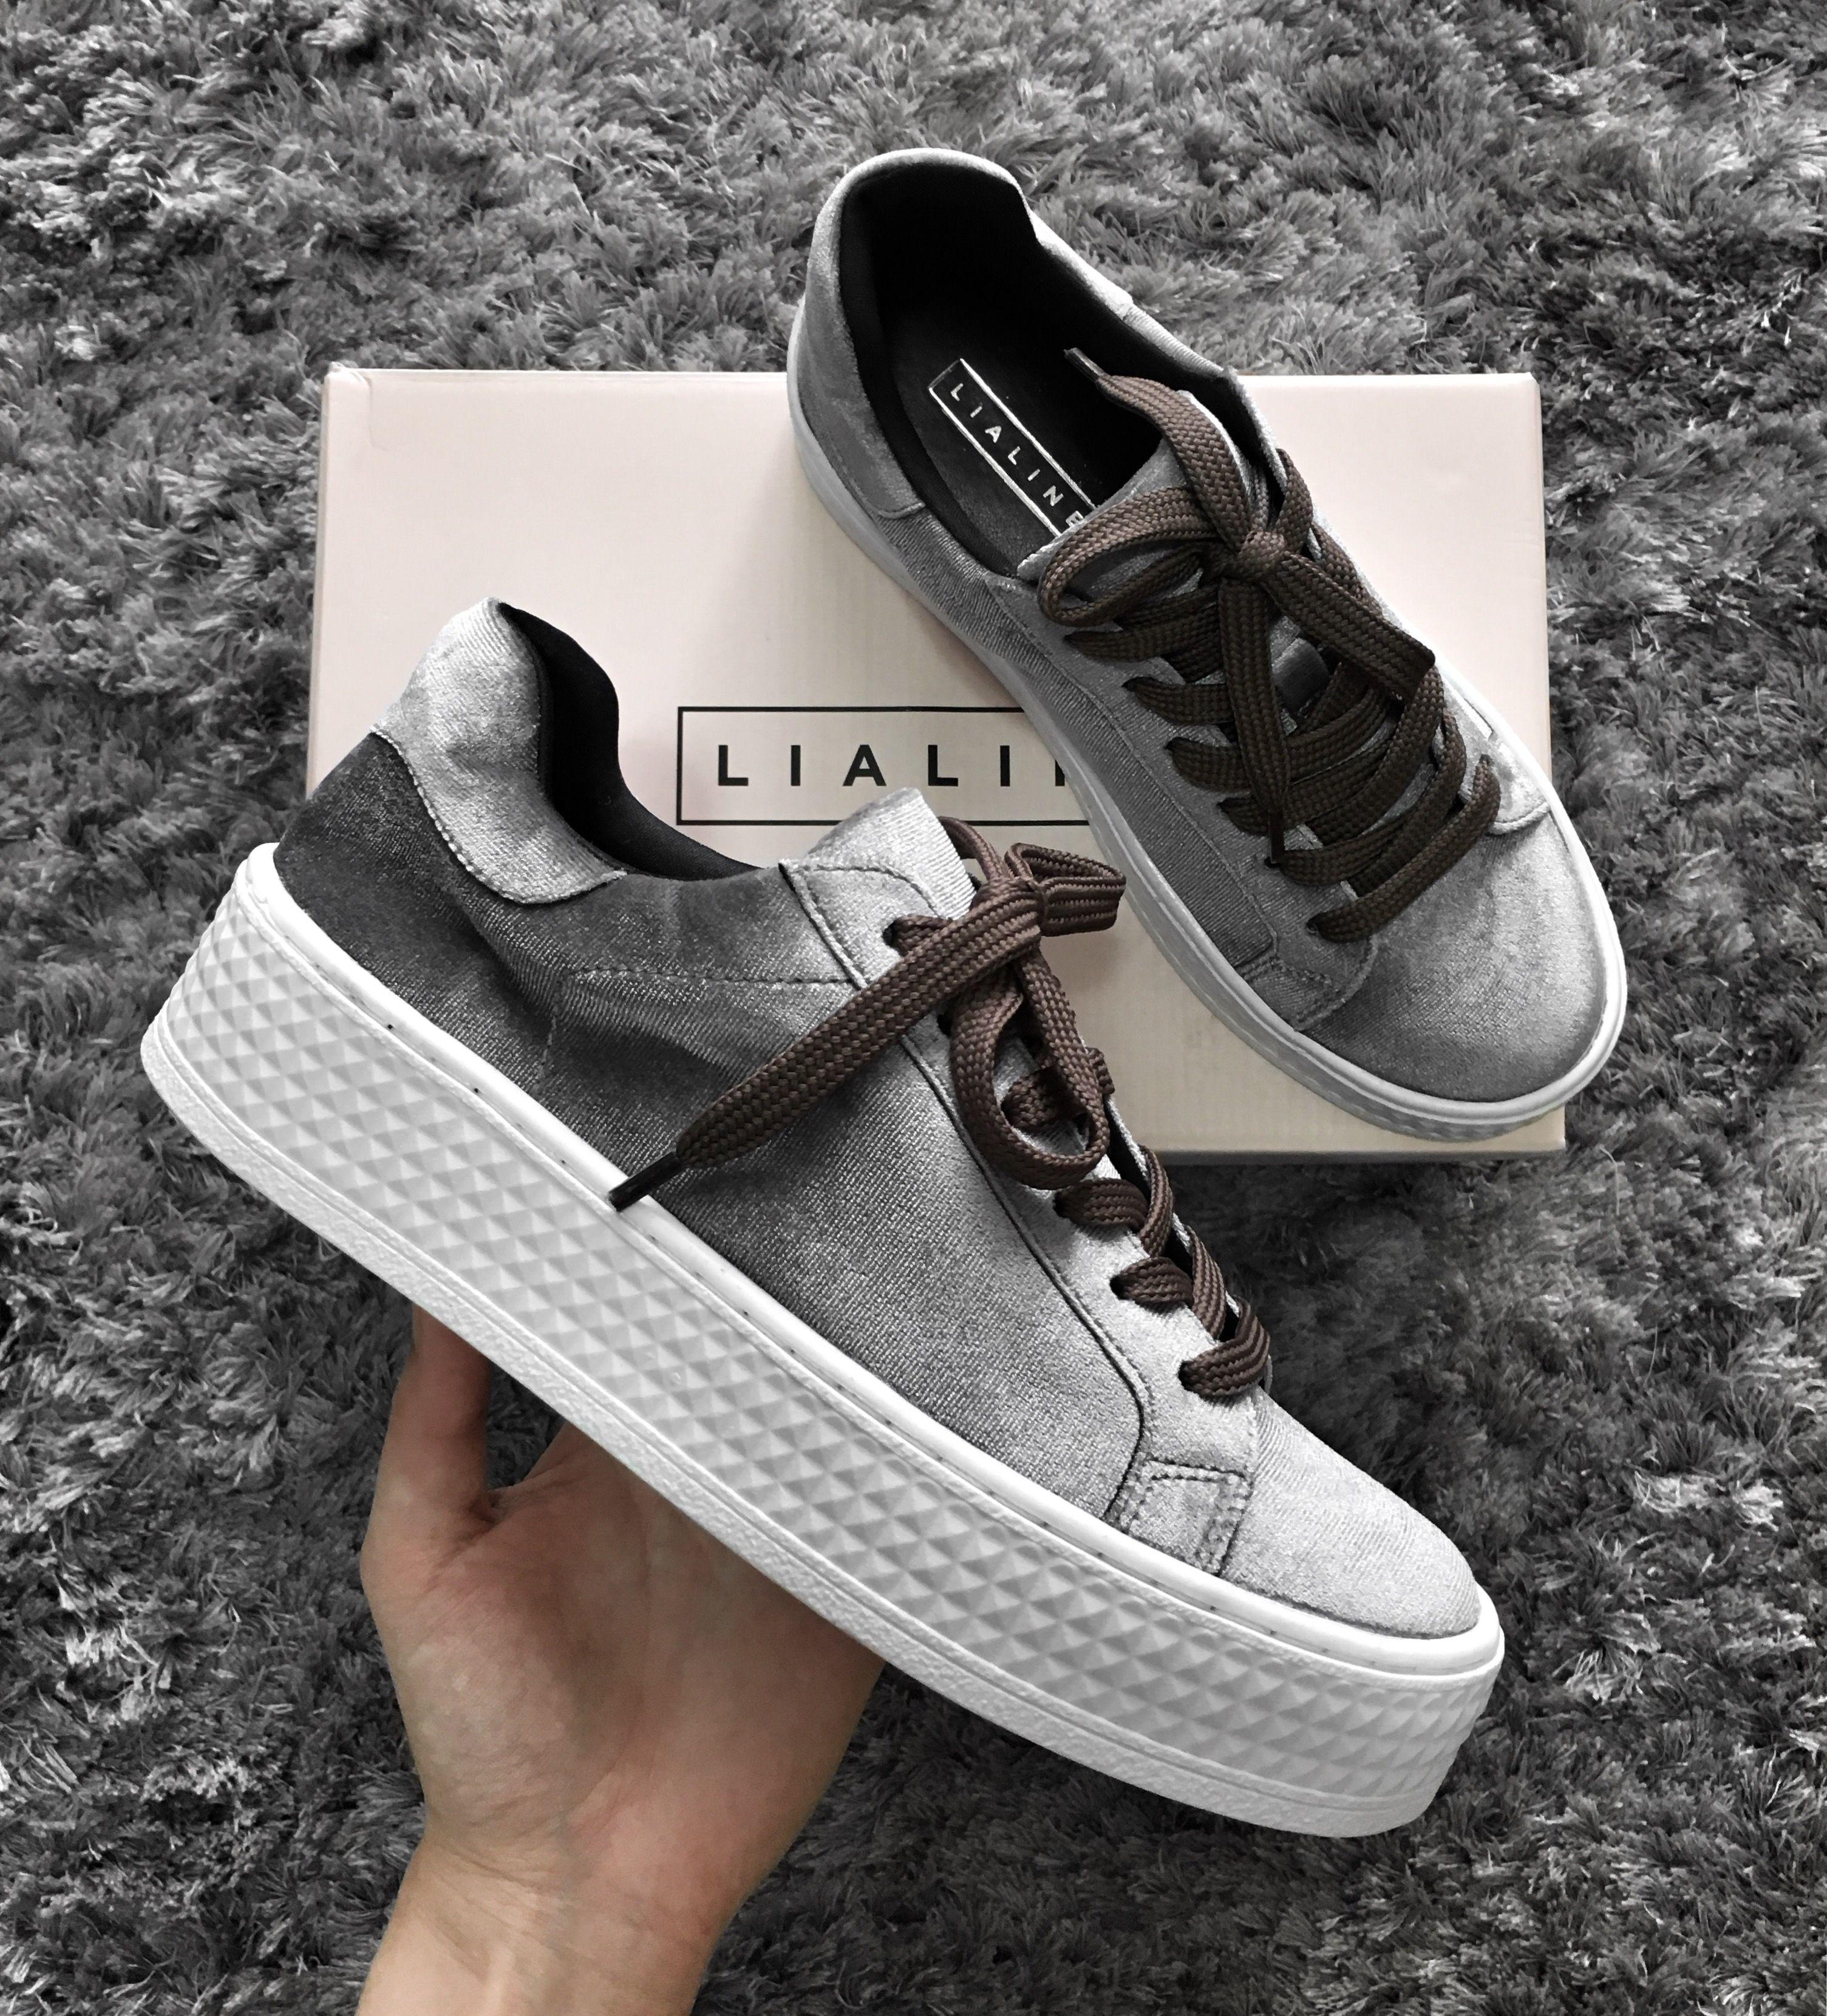 d23b0d2e4f3 tênis de veludo cinza   grey velvet sneakers.  lialinecalcados ...